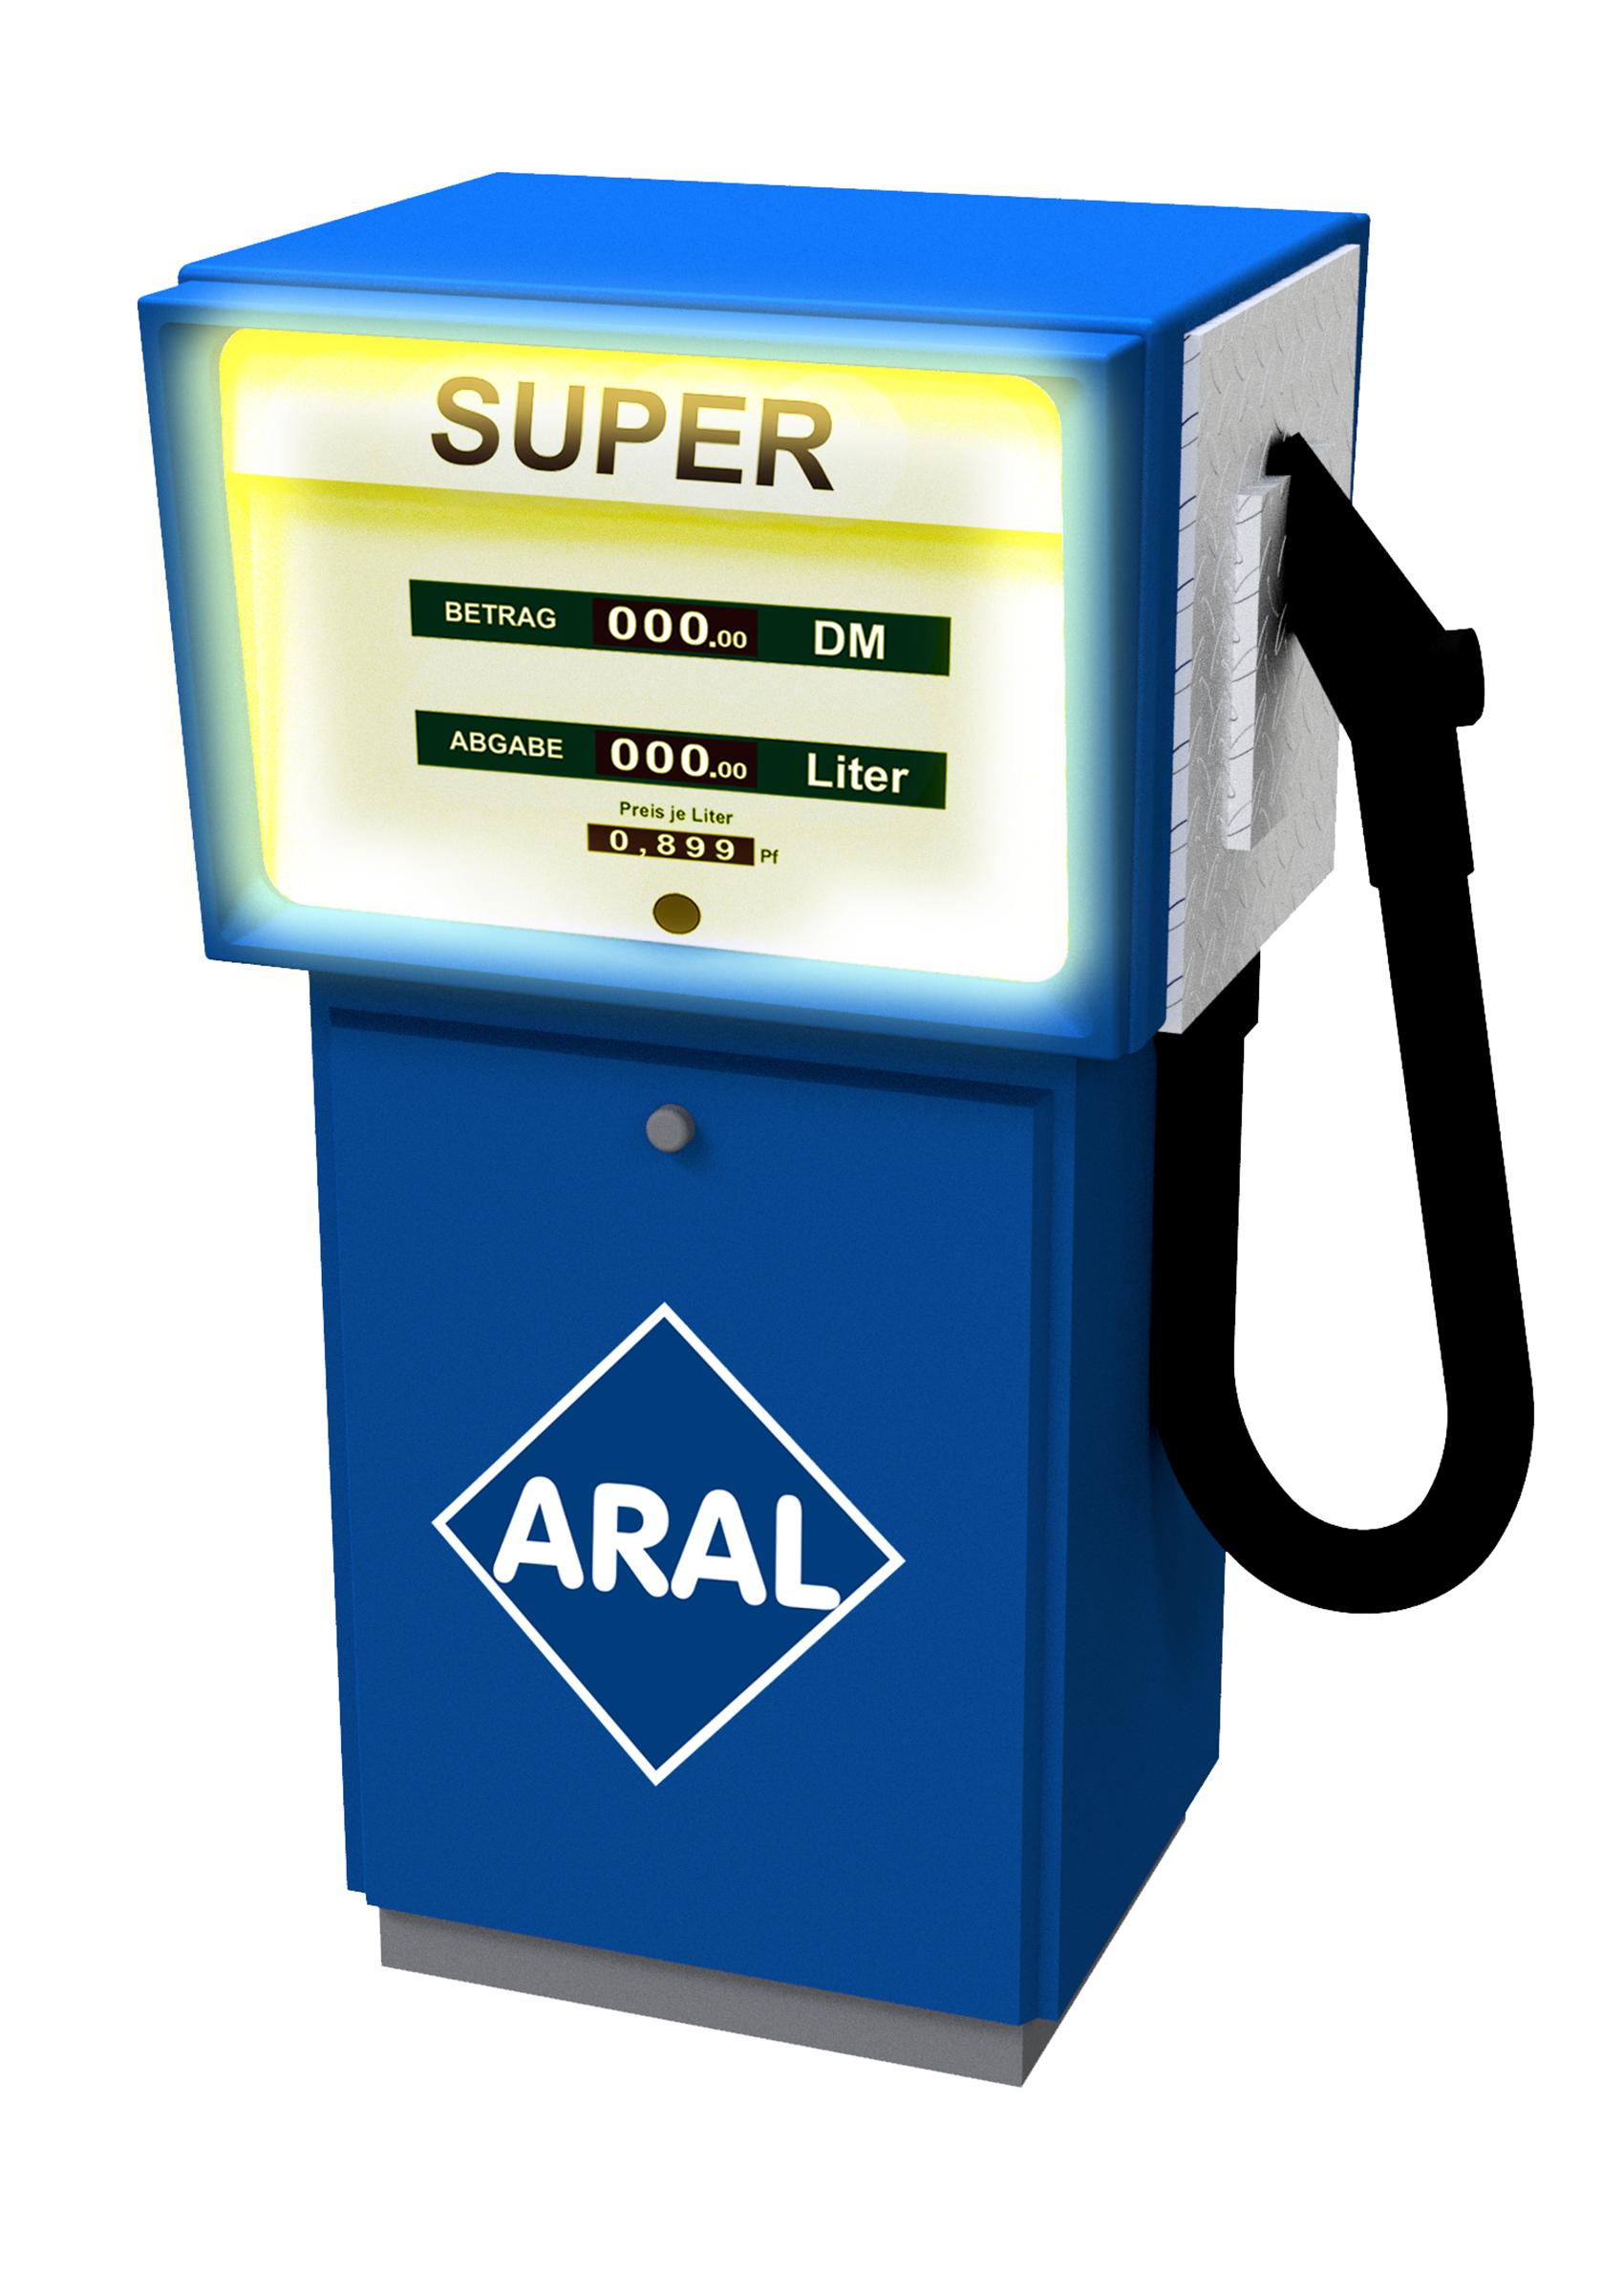 Viessmann 1364 <br/>Zapfsäule ARAL mit LED-Beleuchtung – ersetzt 5064 2